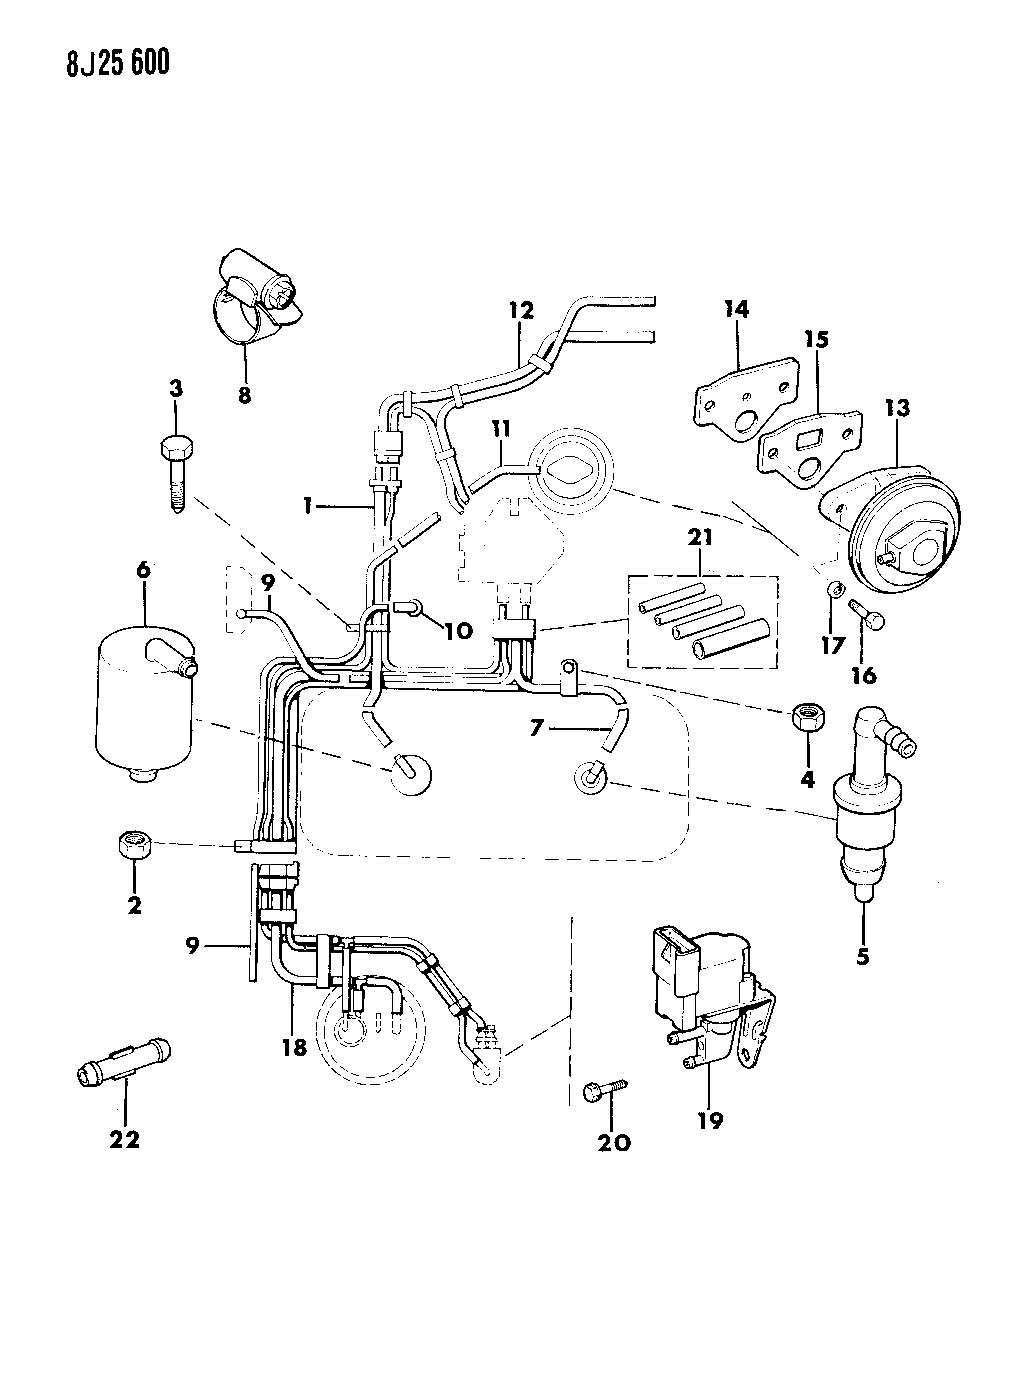 Wrangler Yj Fuse Diagram